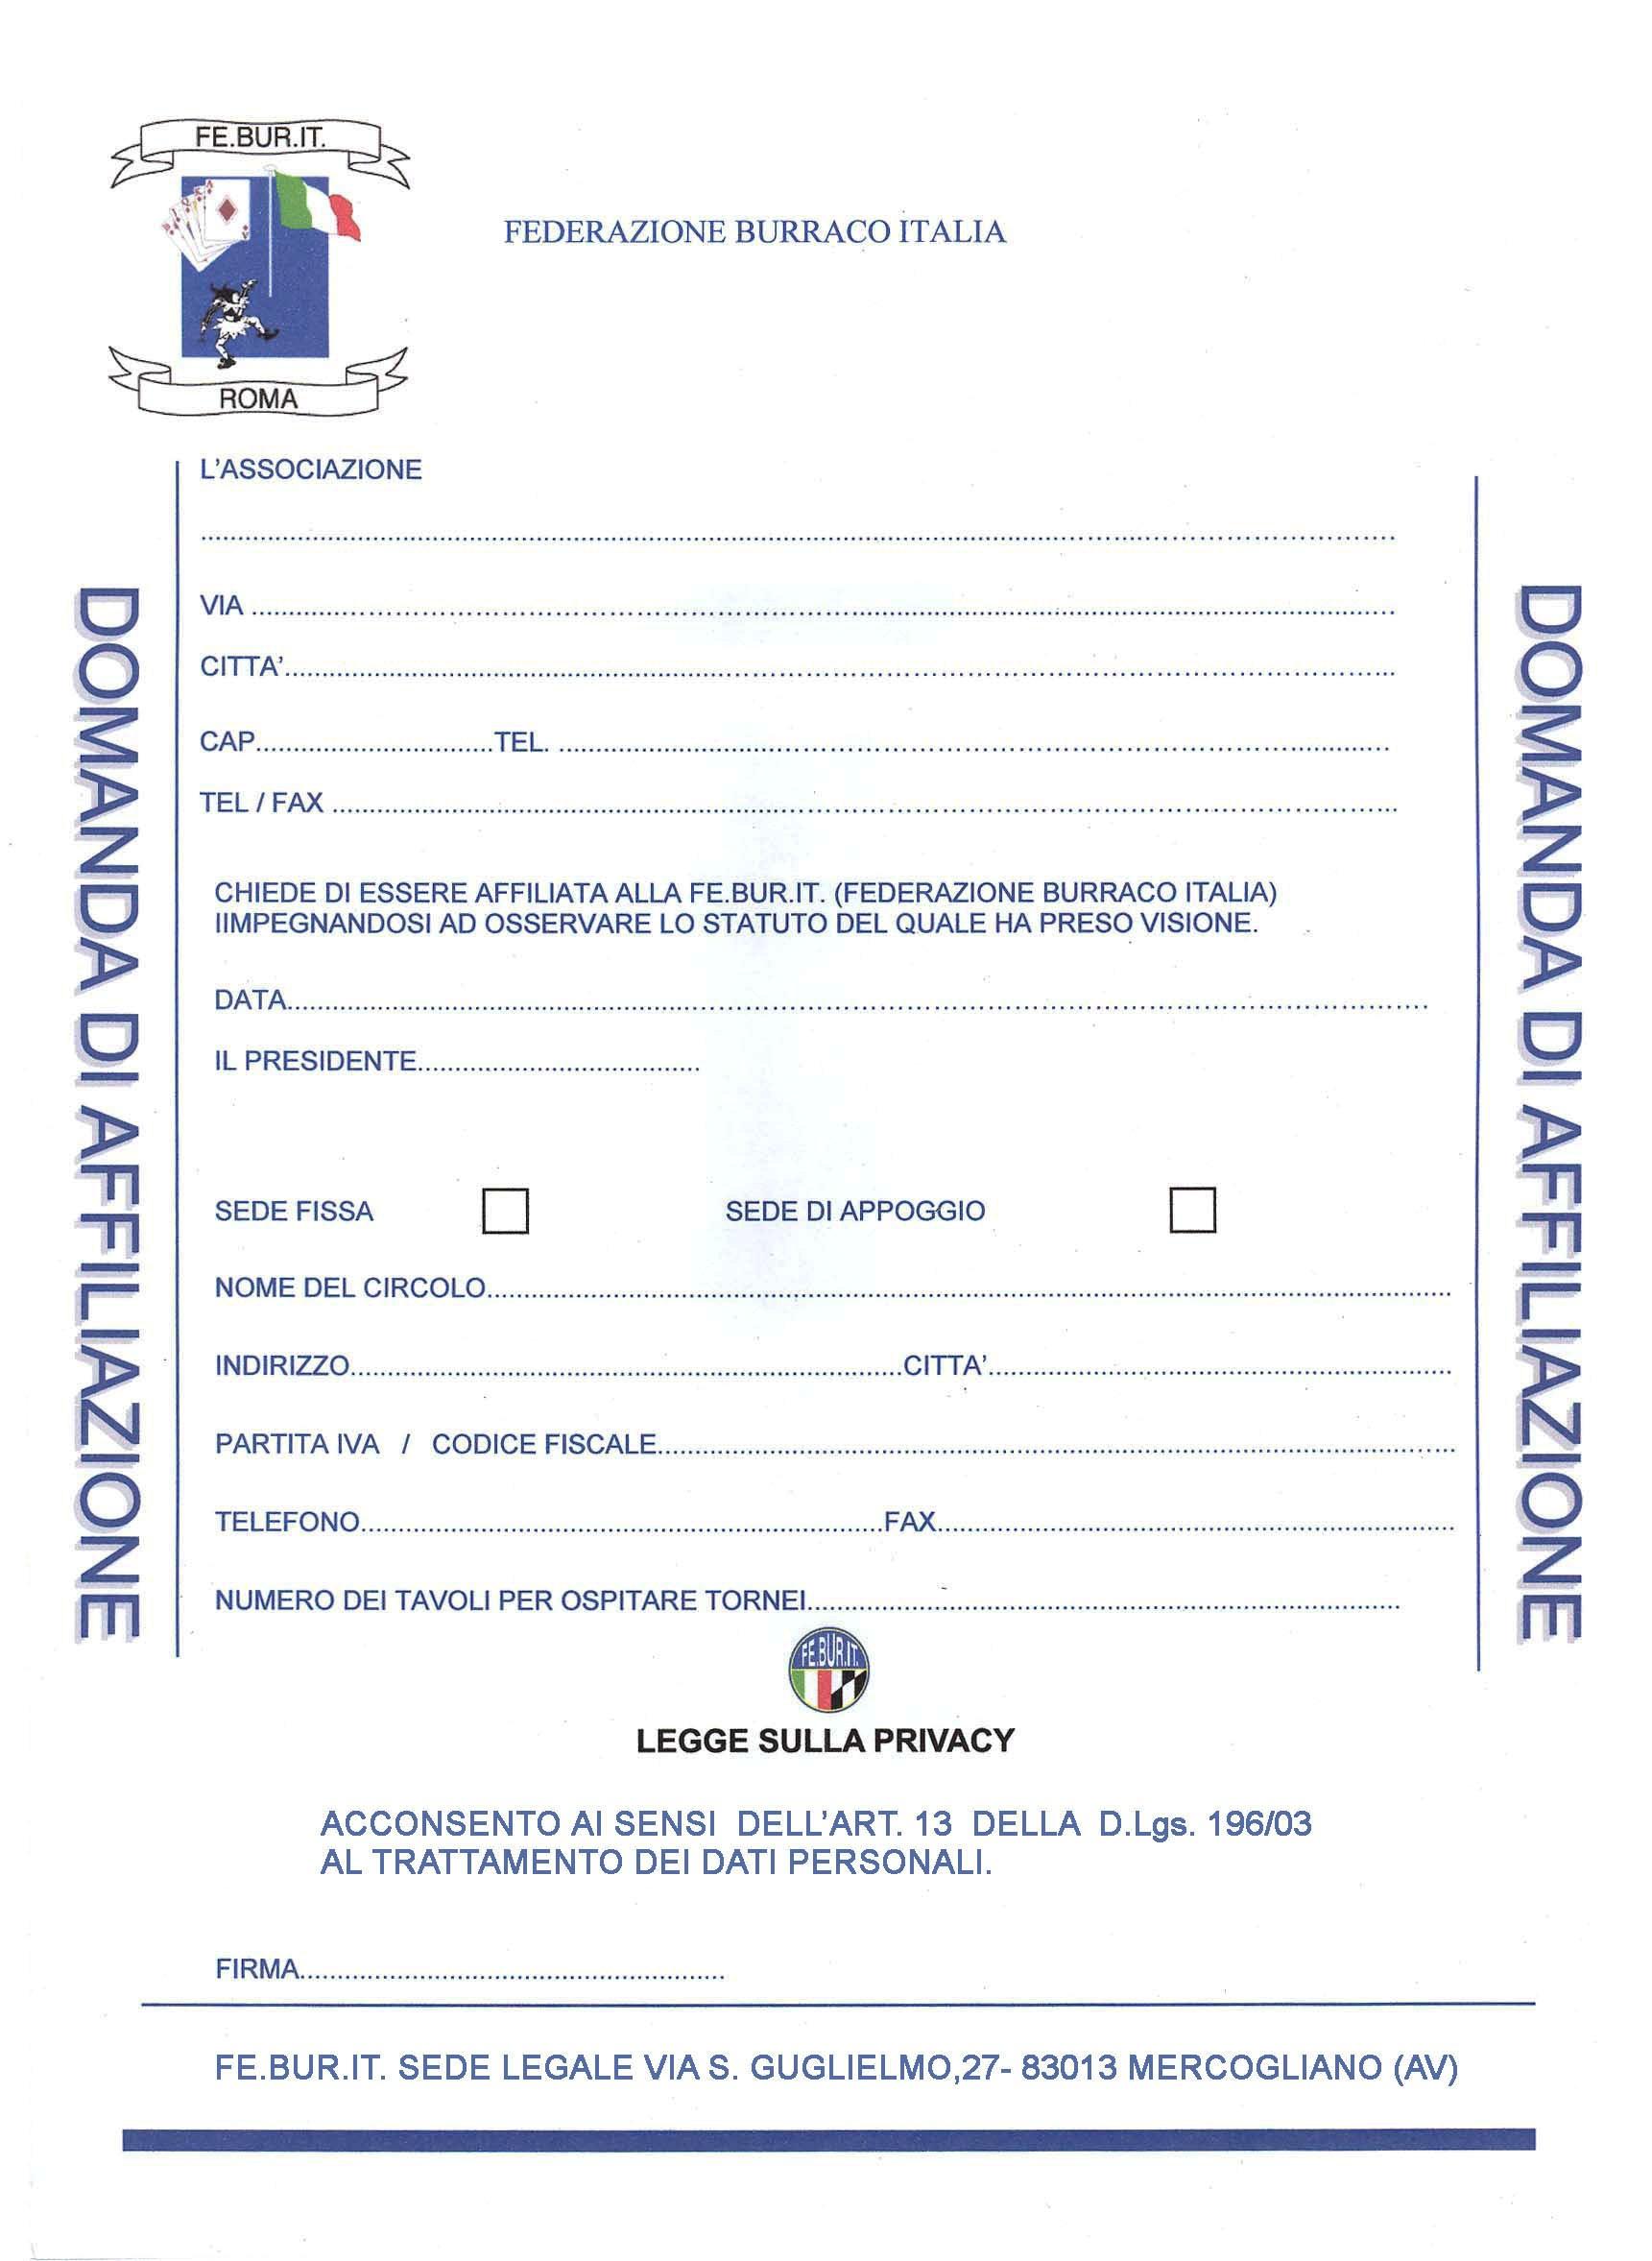 MODULO AFFILIAZIONE FEBURIT-2015